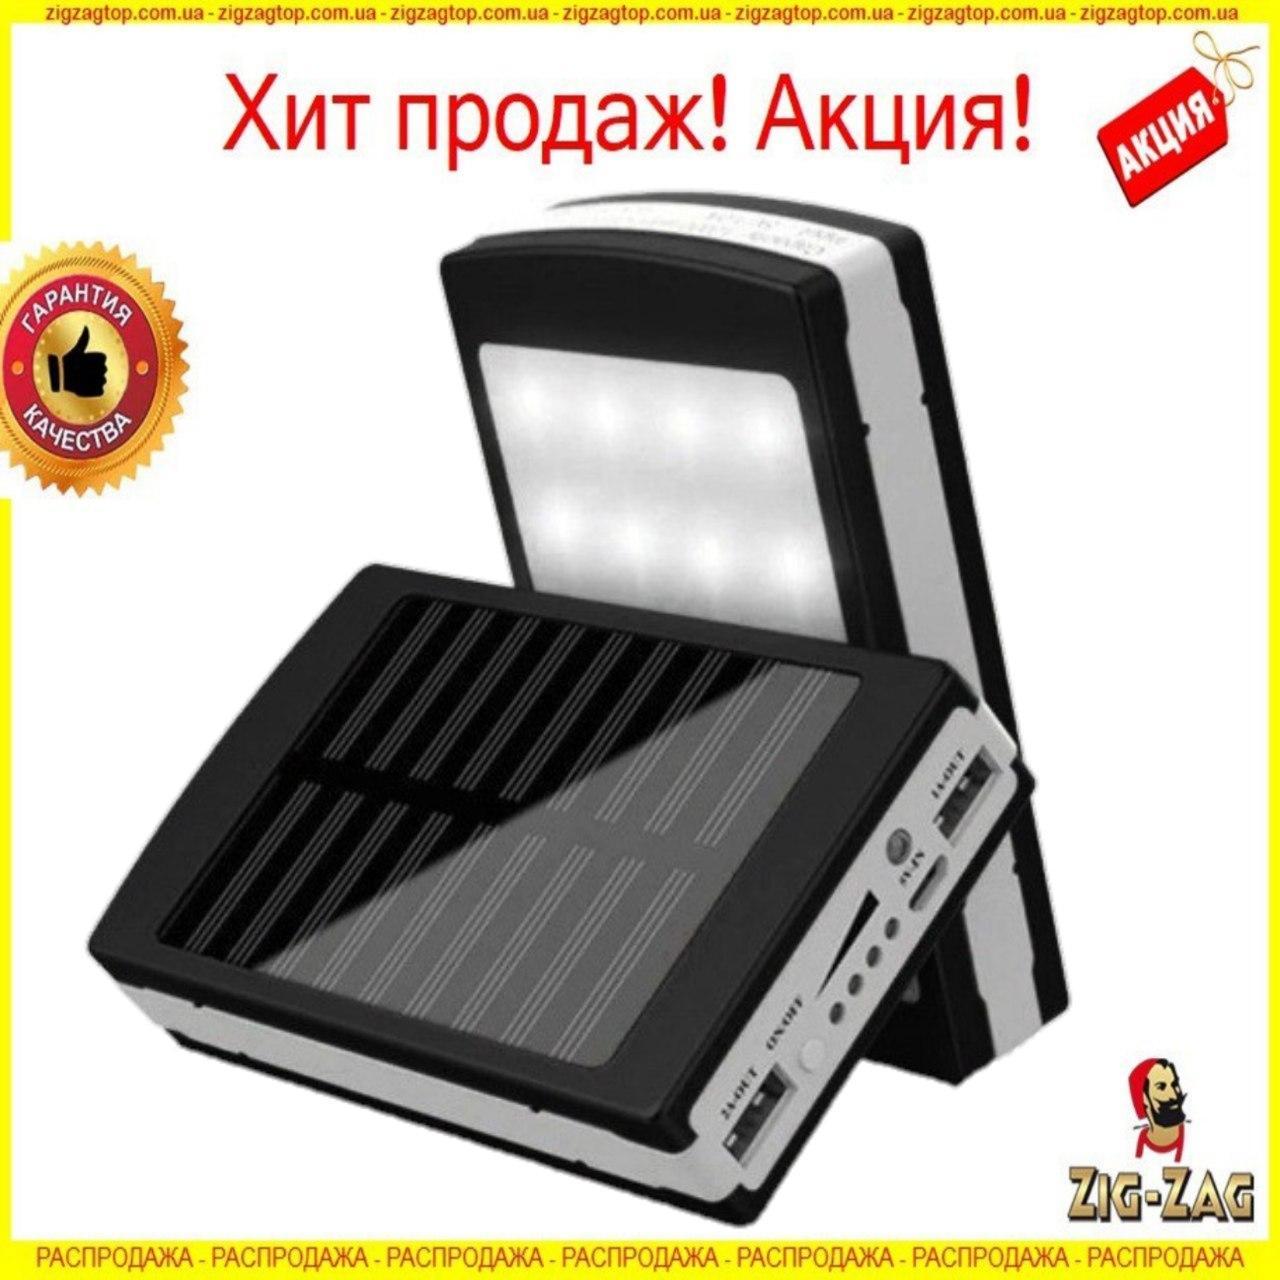 Портативний зарядний Power Bank Solar 50000mAh сонячною батареєю Повер Банк LED зарядний пристрій +Ліхтарик!